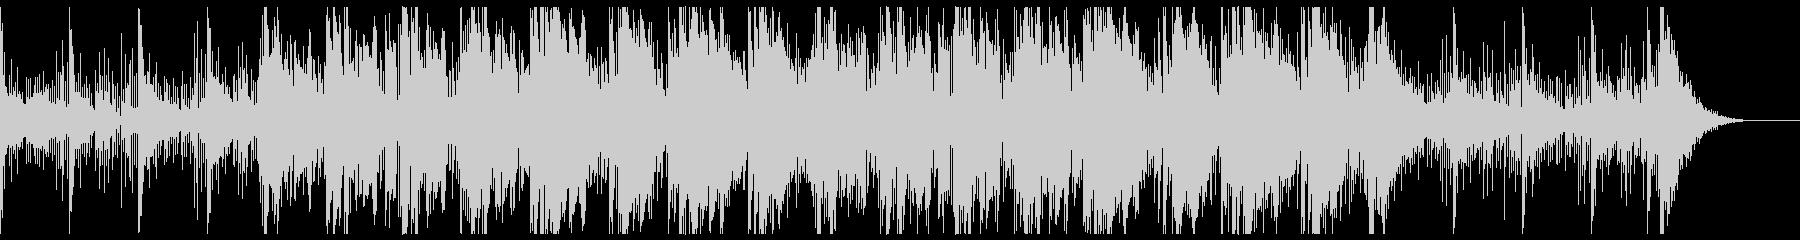 スリリングなスローアンビエントの未再生の波形